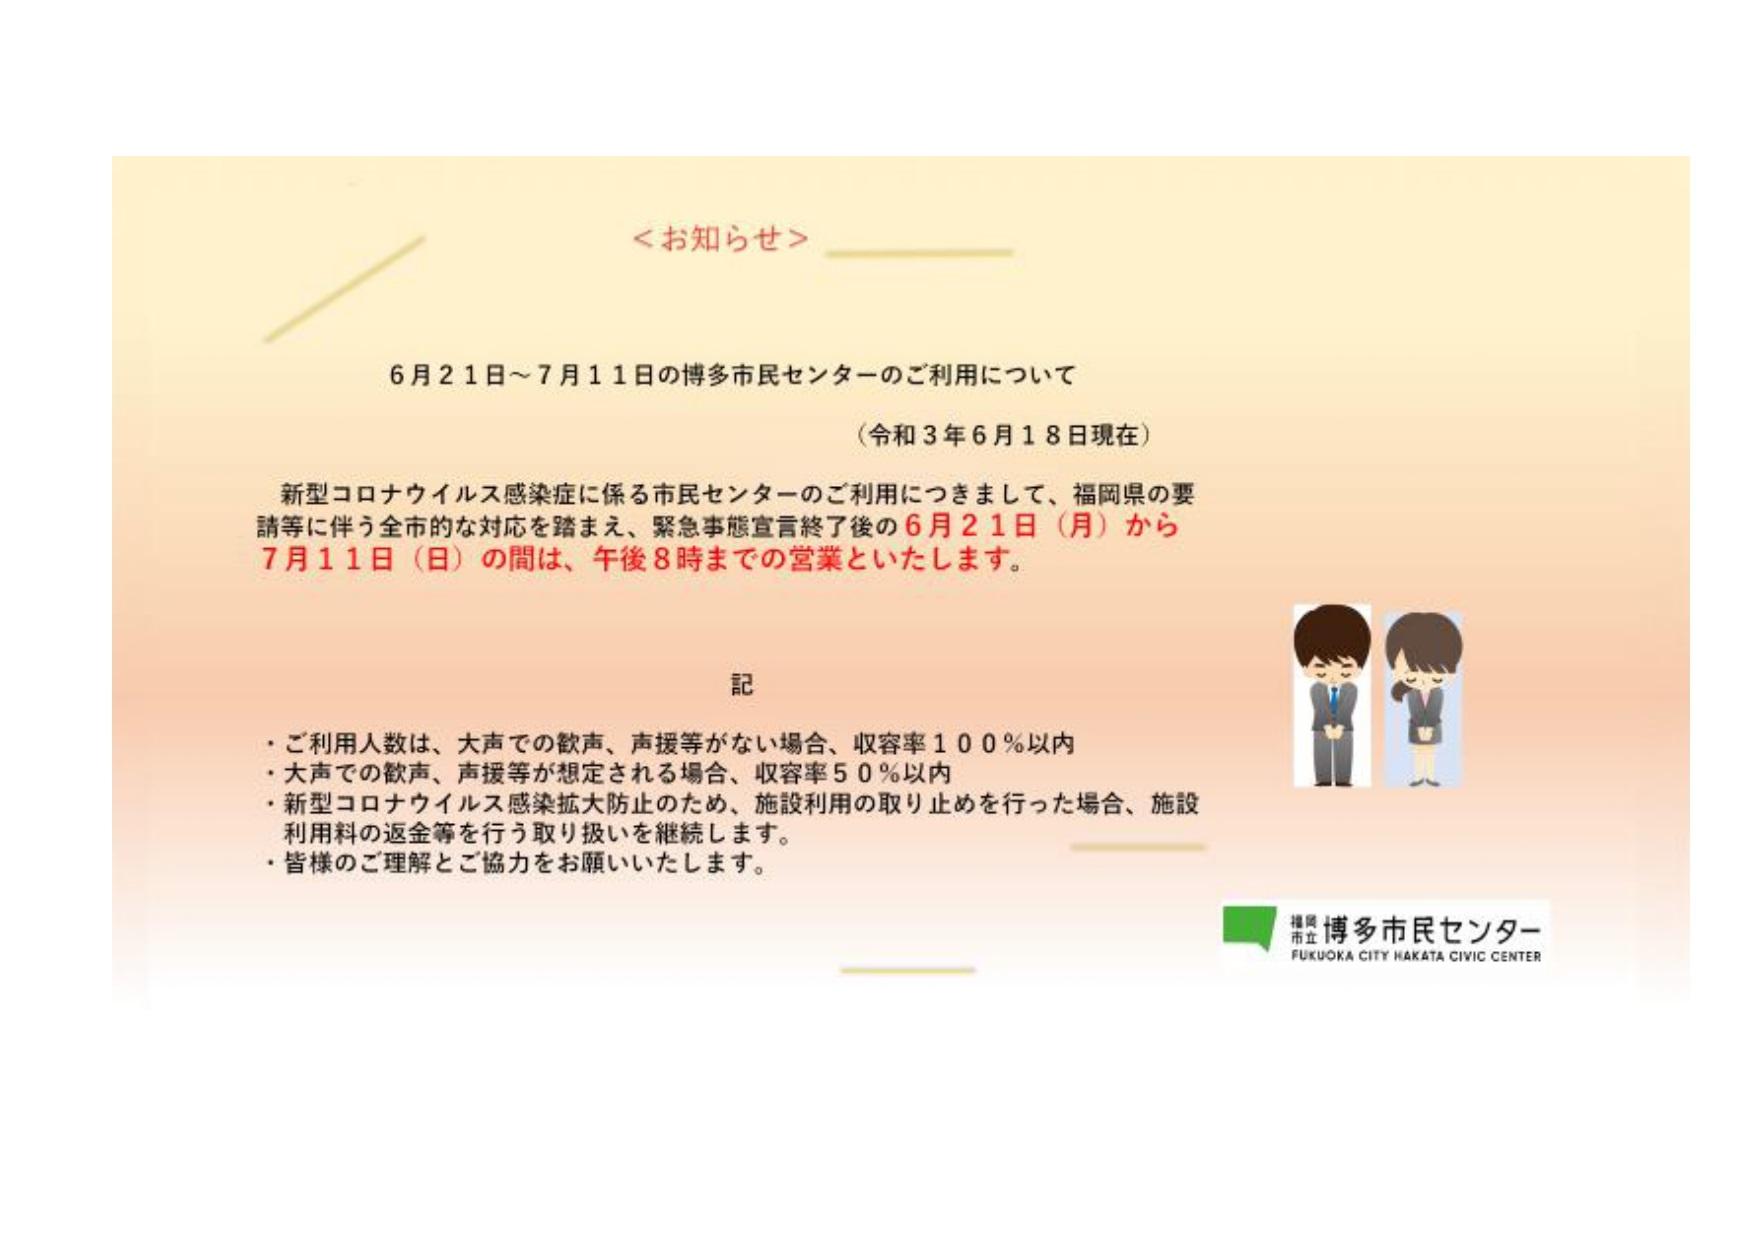 6月21日(月)~7月11日(日)の博多市民センターのご利用について